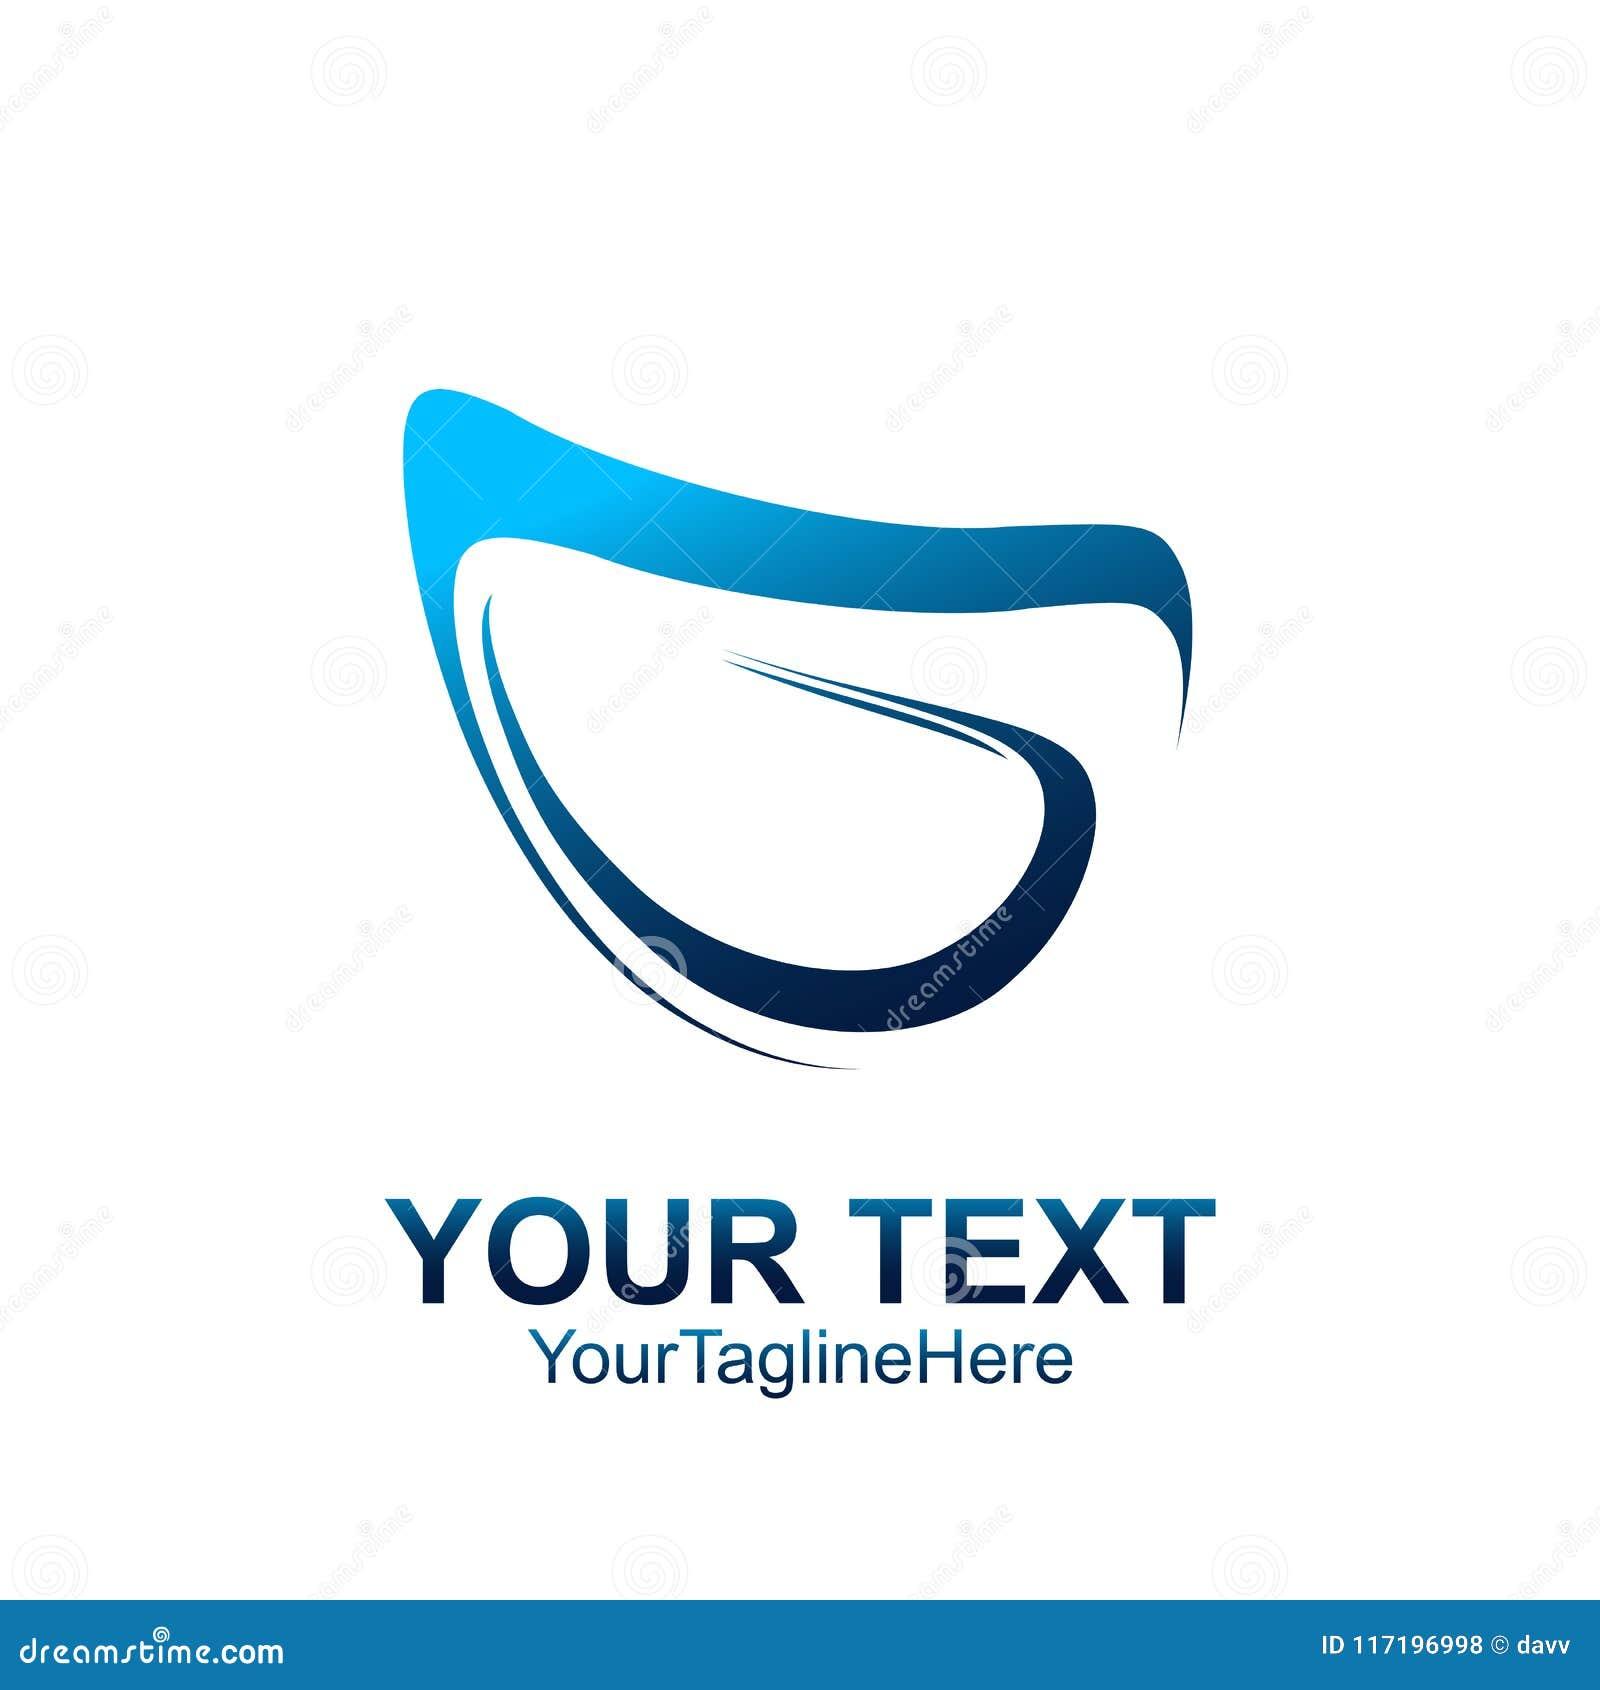 Το αρχικό πρότυπο λογότυπων Γ επιστολών χρωμάτισε το μπλε αφηρημένο desi swoosh